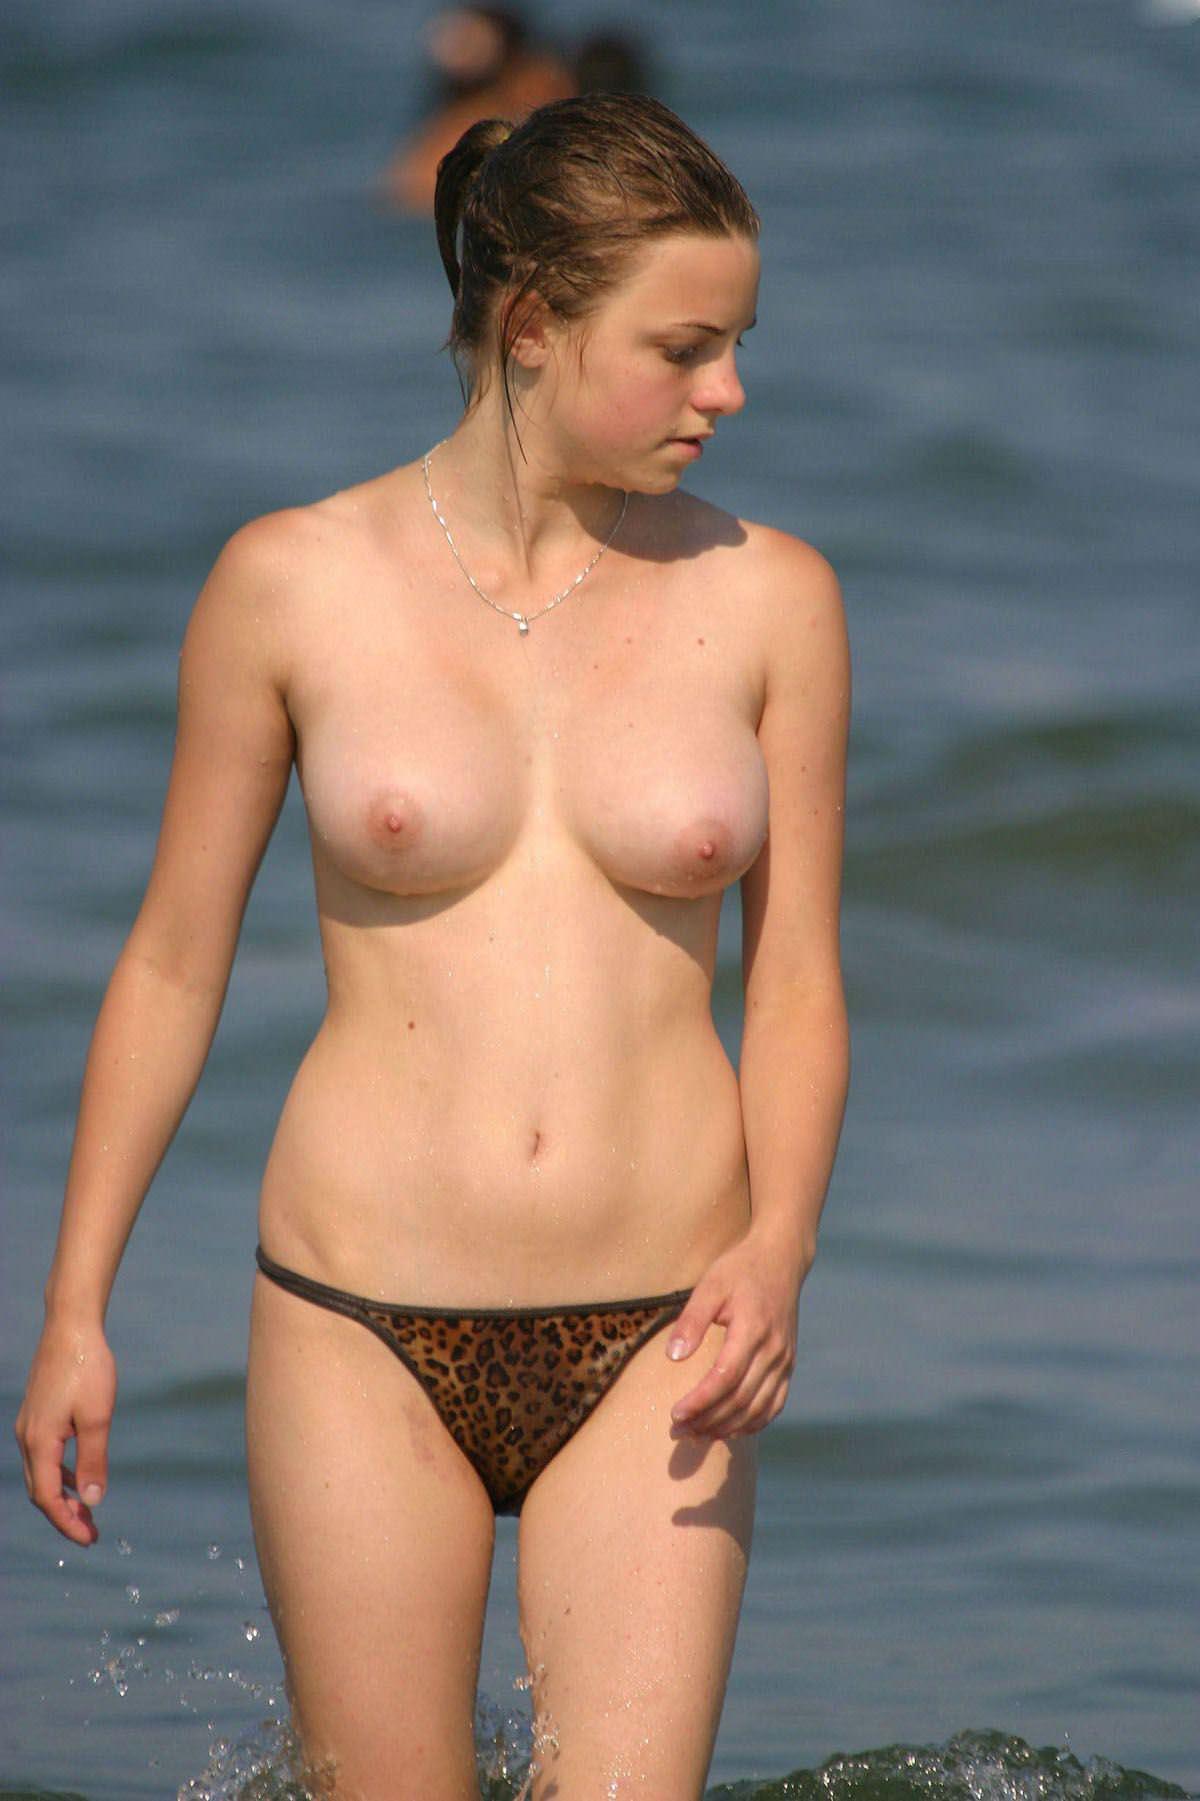 【外人】美女が多すぎる素人ロシア人ヌーディストビーチのポルノ画像 3818